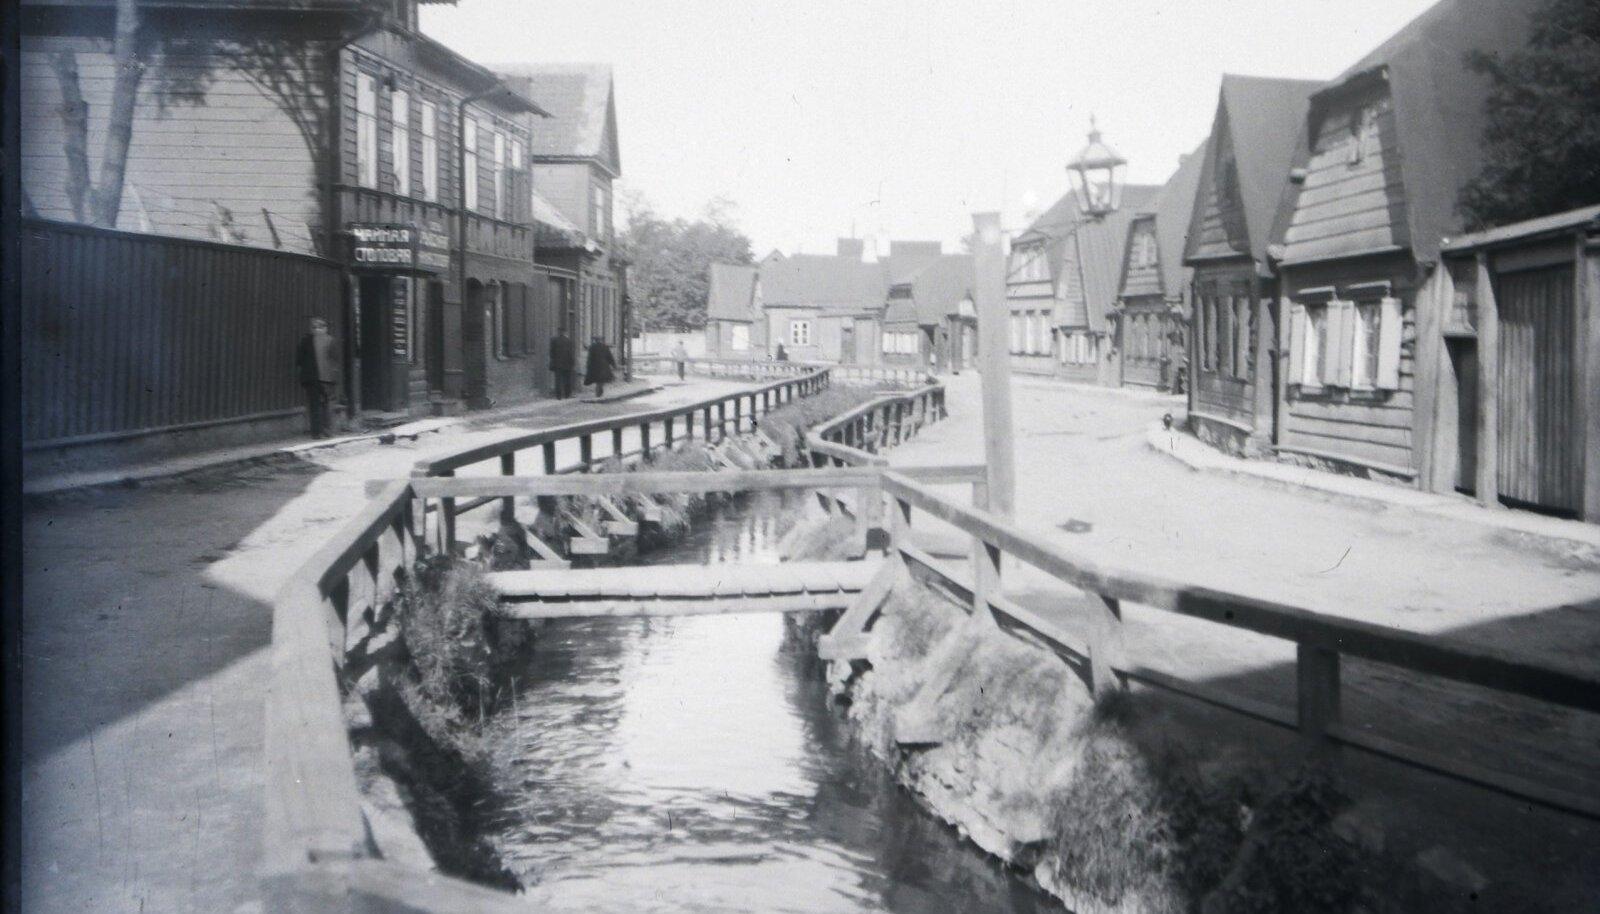 LÄBI LINNA: Kiirevooluline Härjapea jõgi 1909.